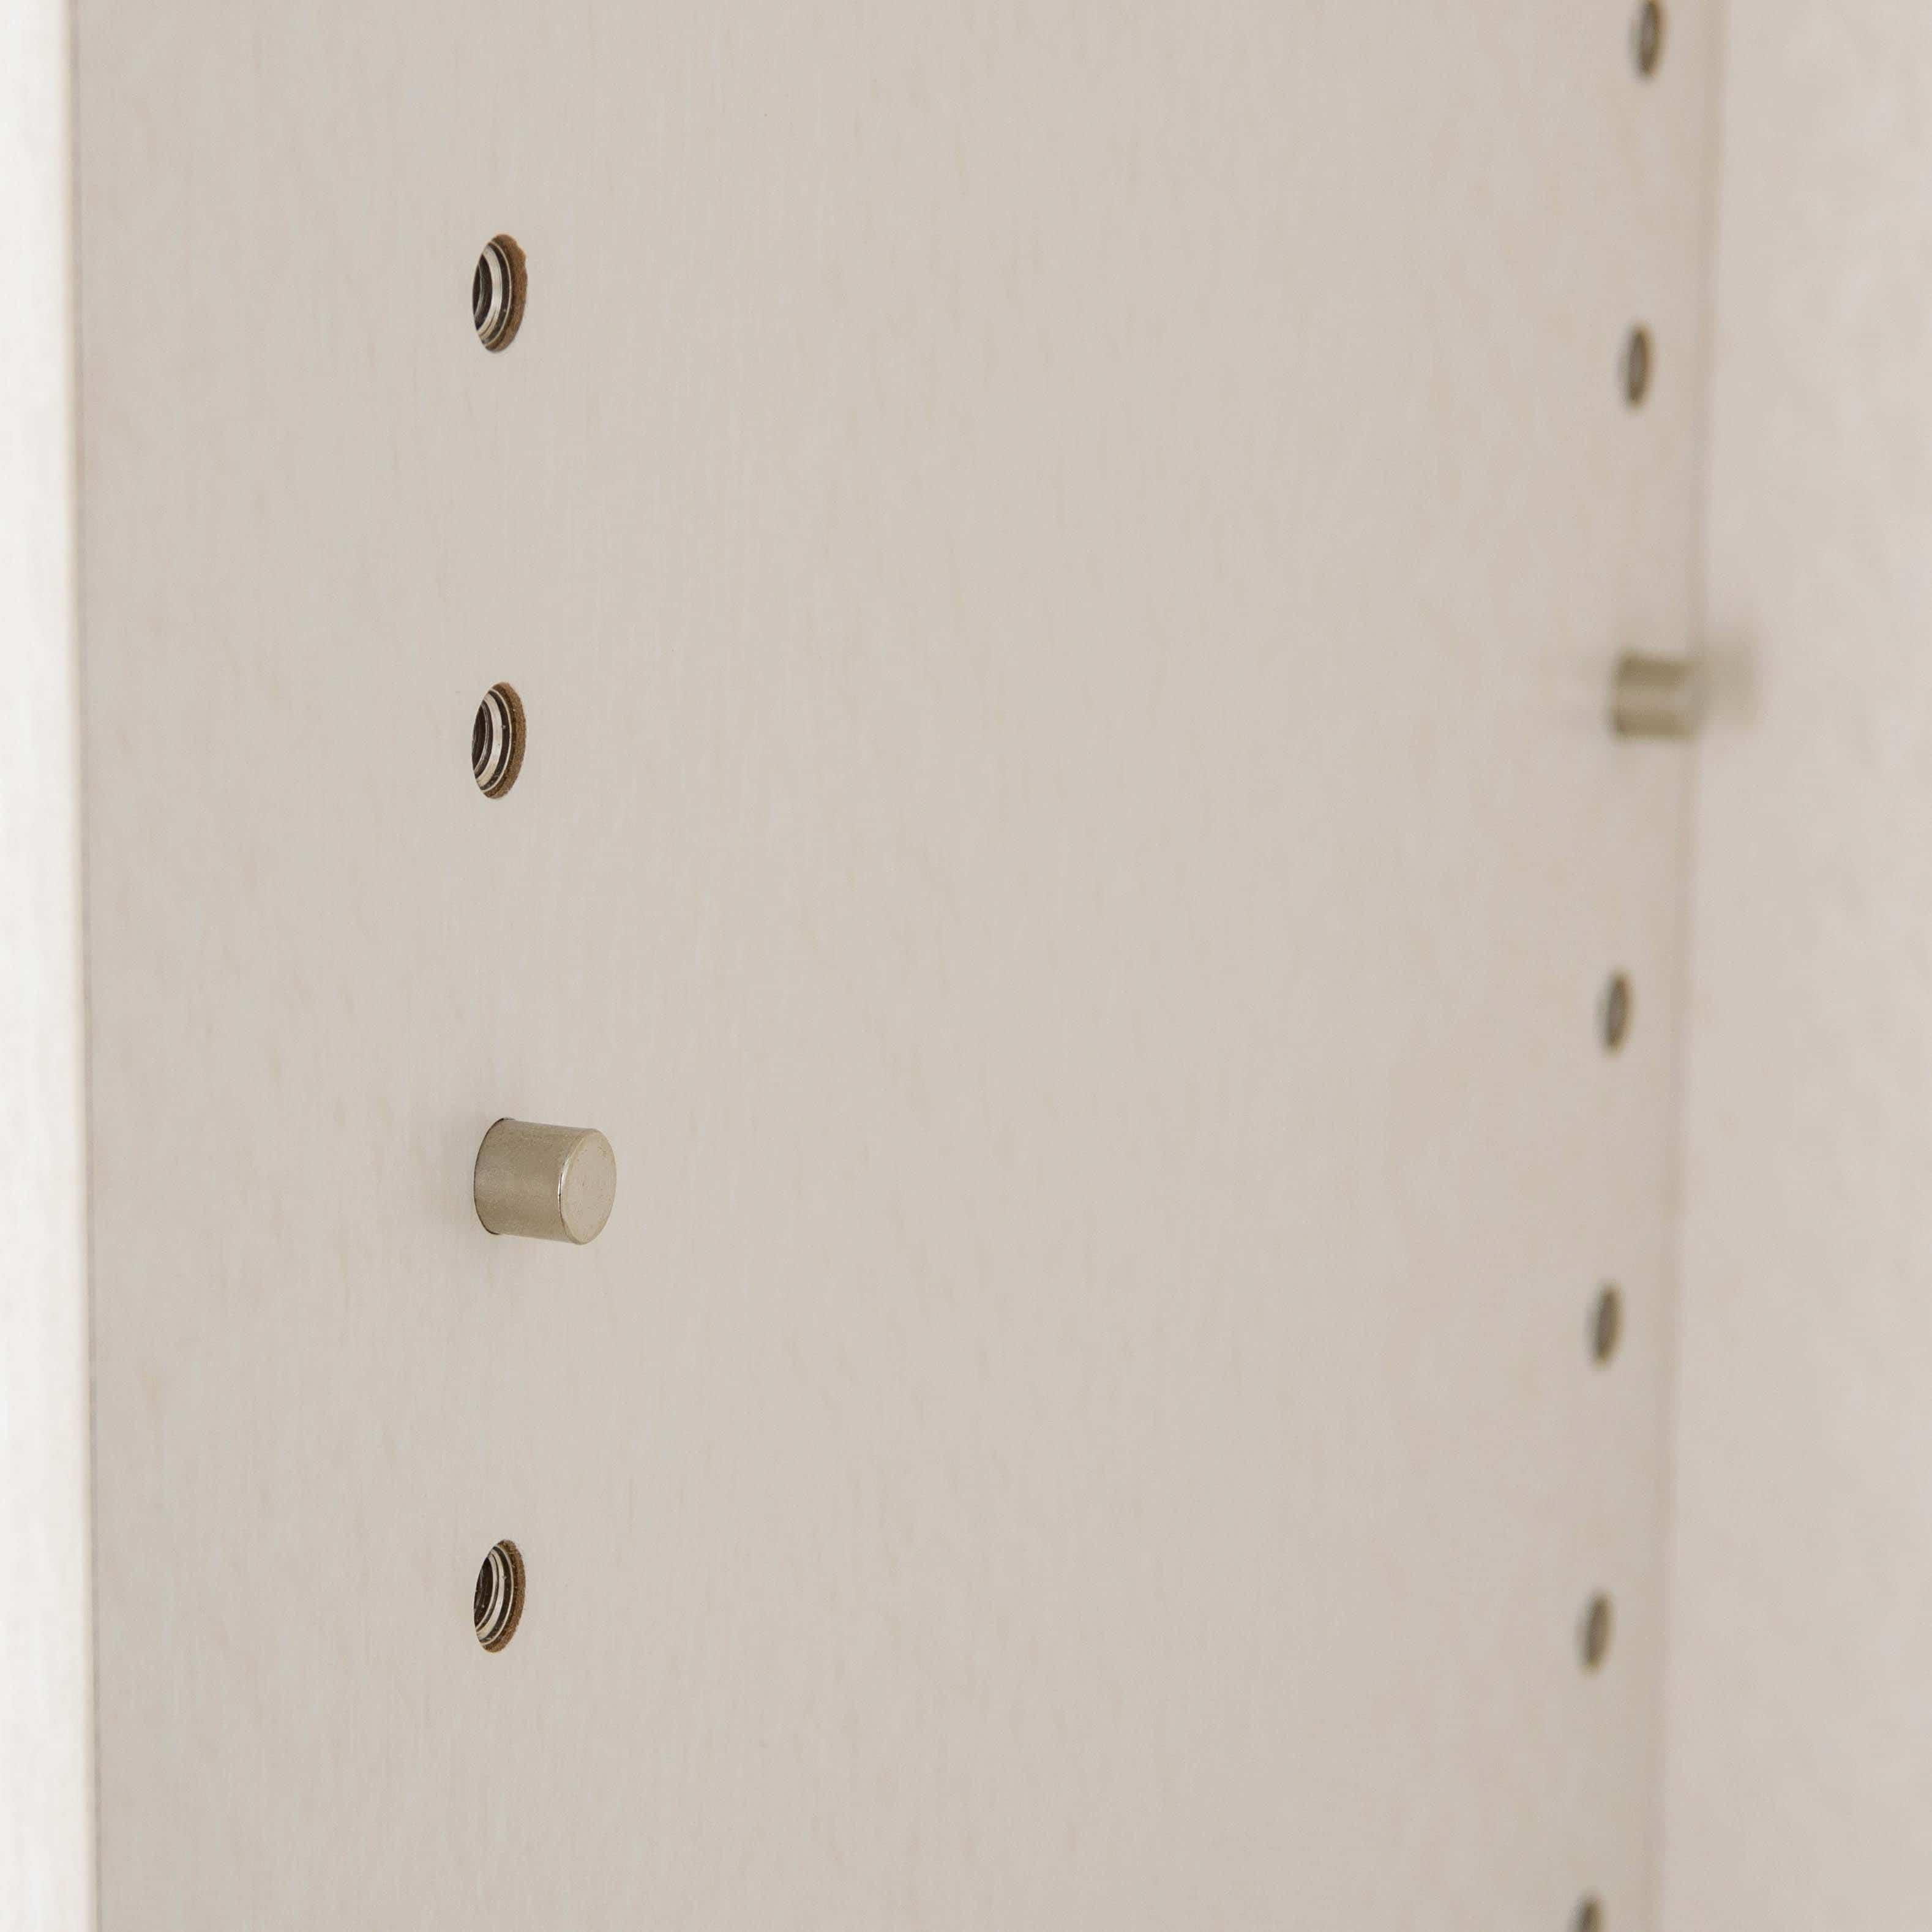 小島工芸 書棚 アコード75H(チェリーナチュラル):キレイに収まる魅せる収納